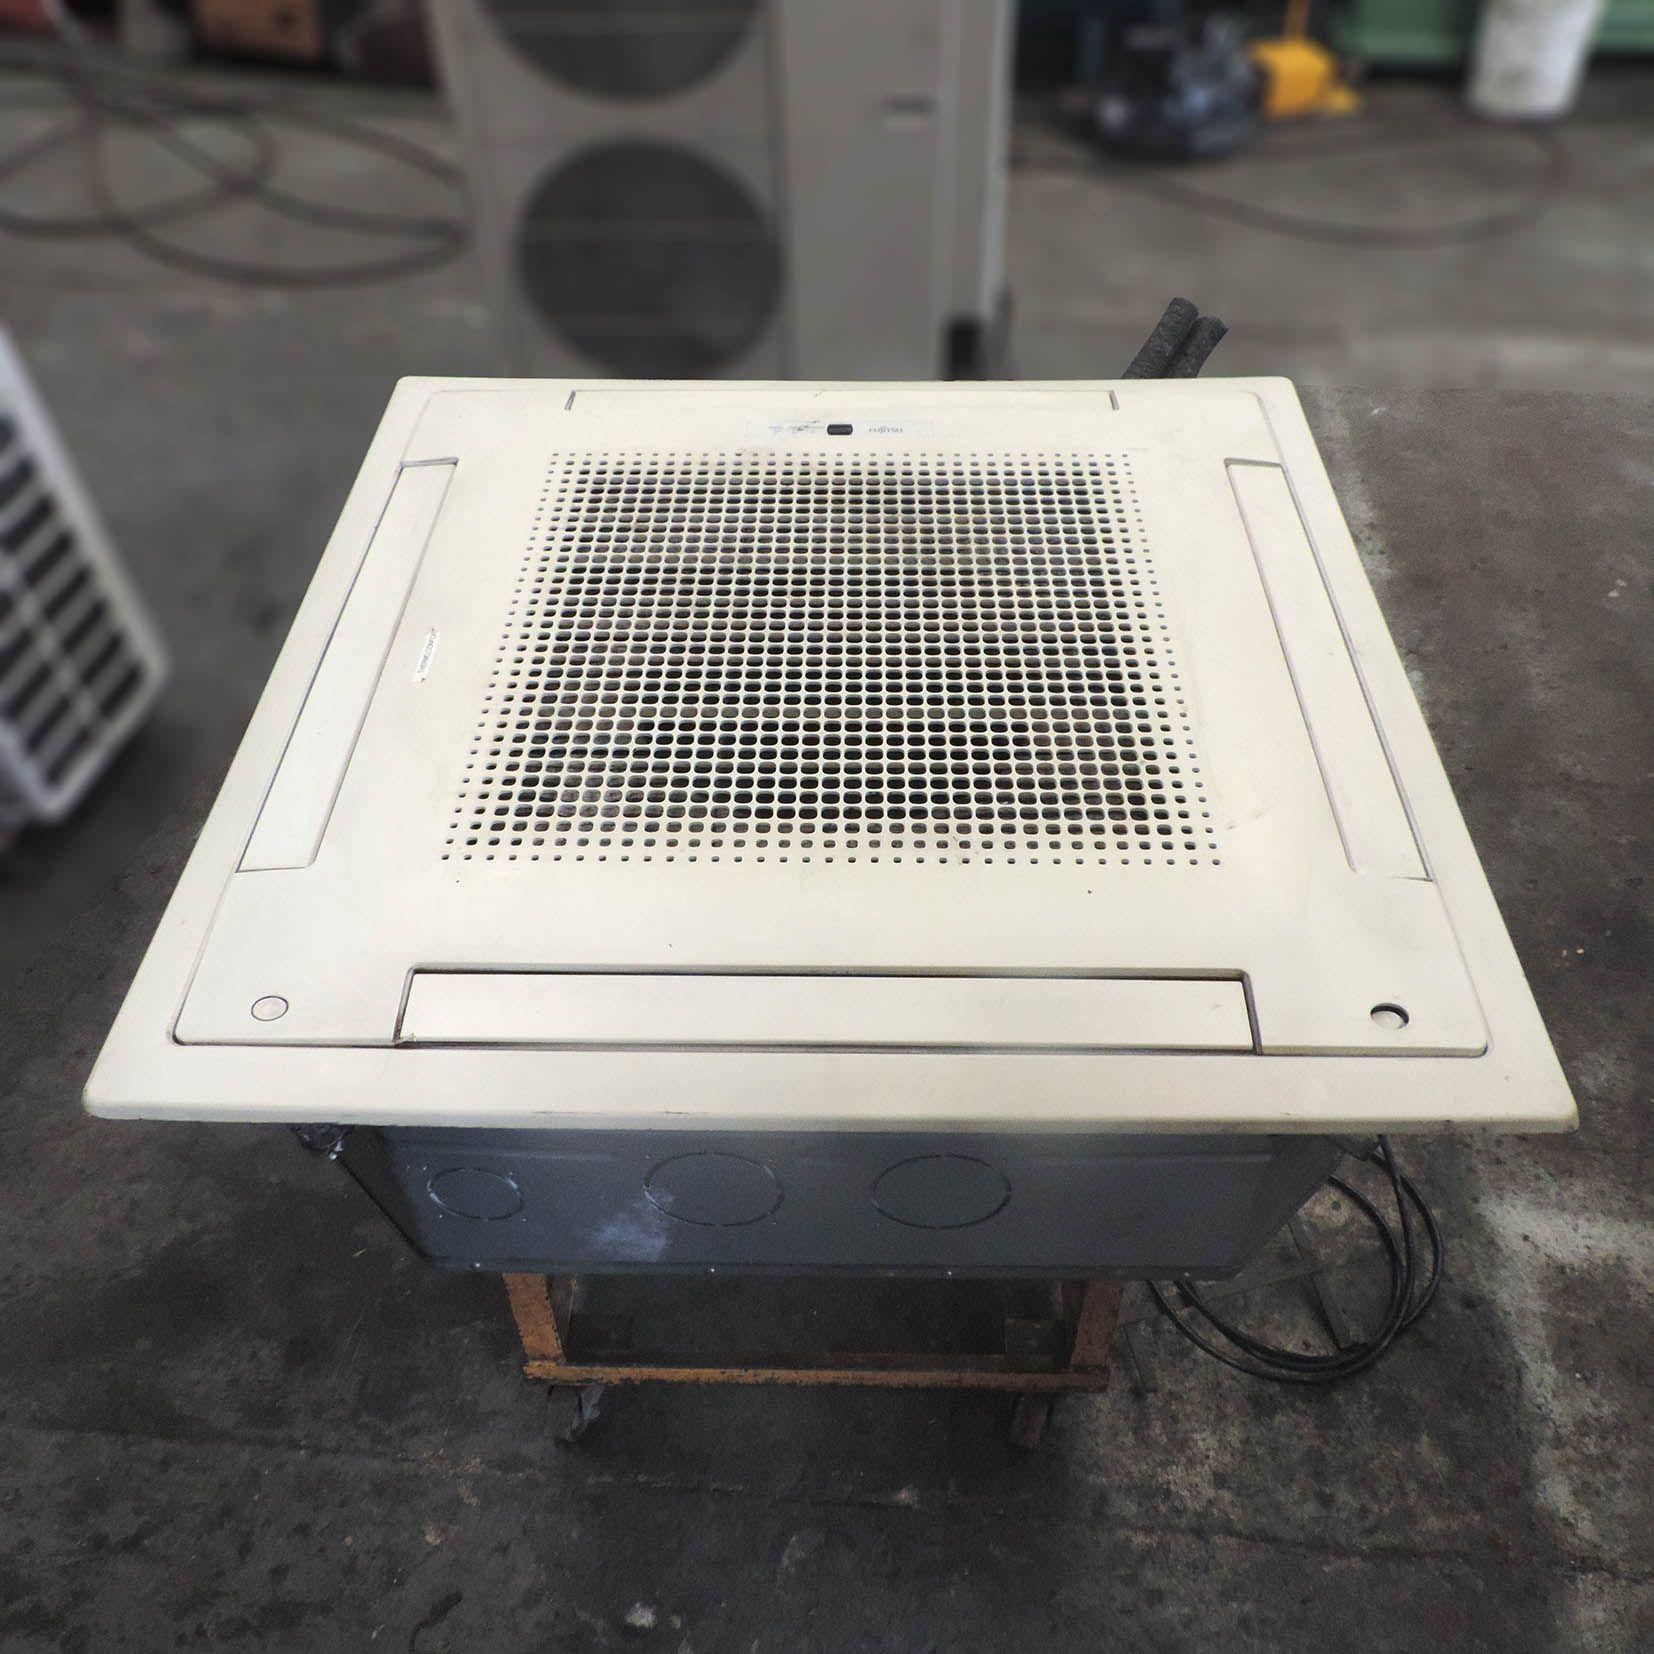 Ar Condicionado Fujitsu AOB40A1 SP223 - Usado